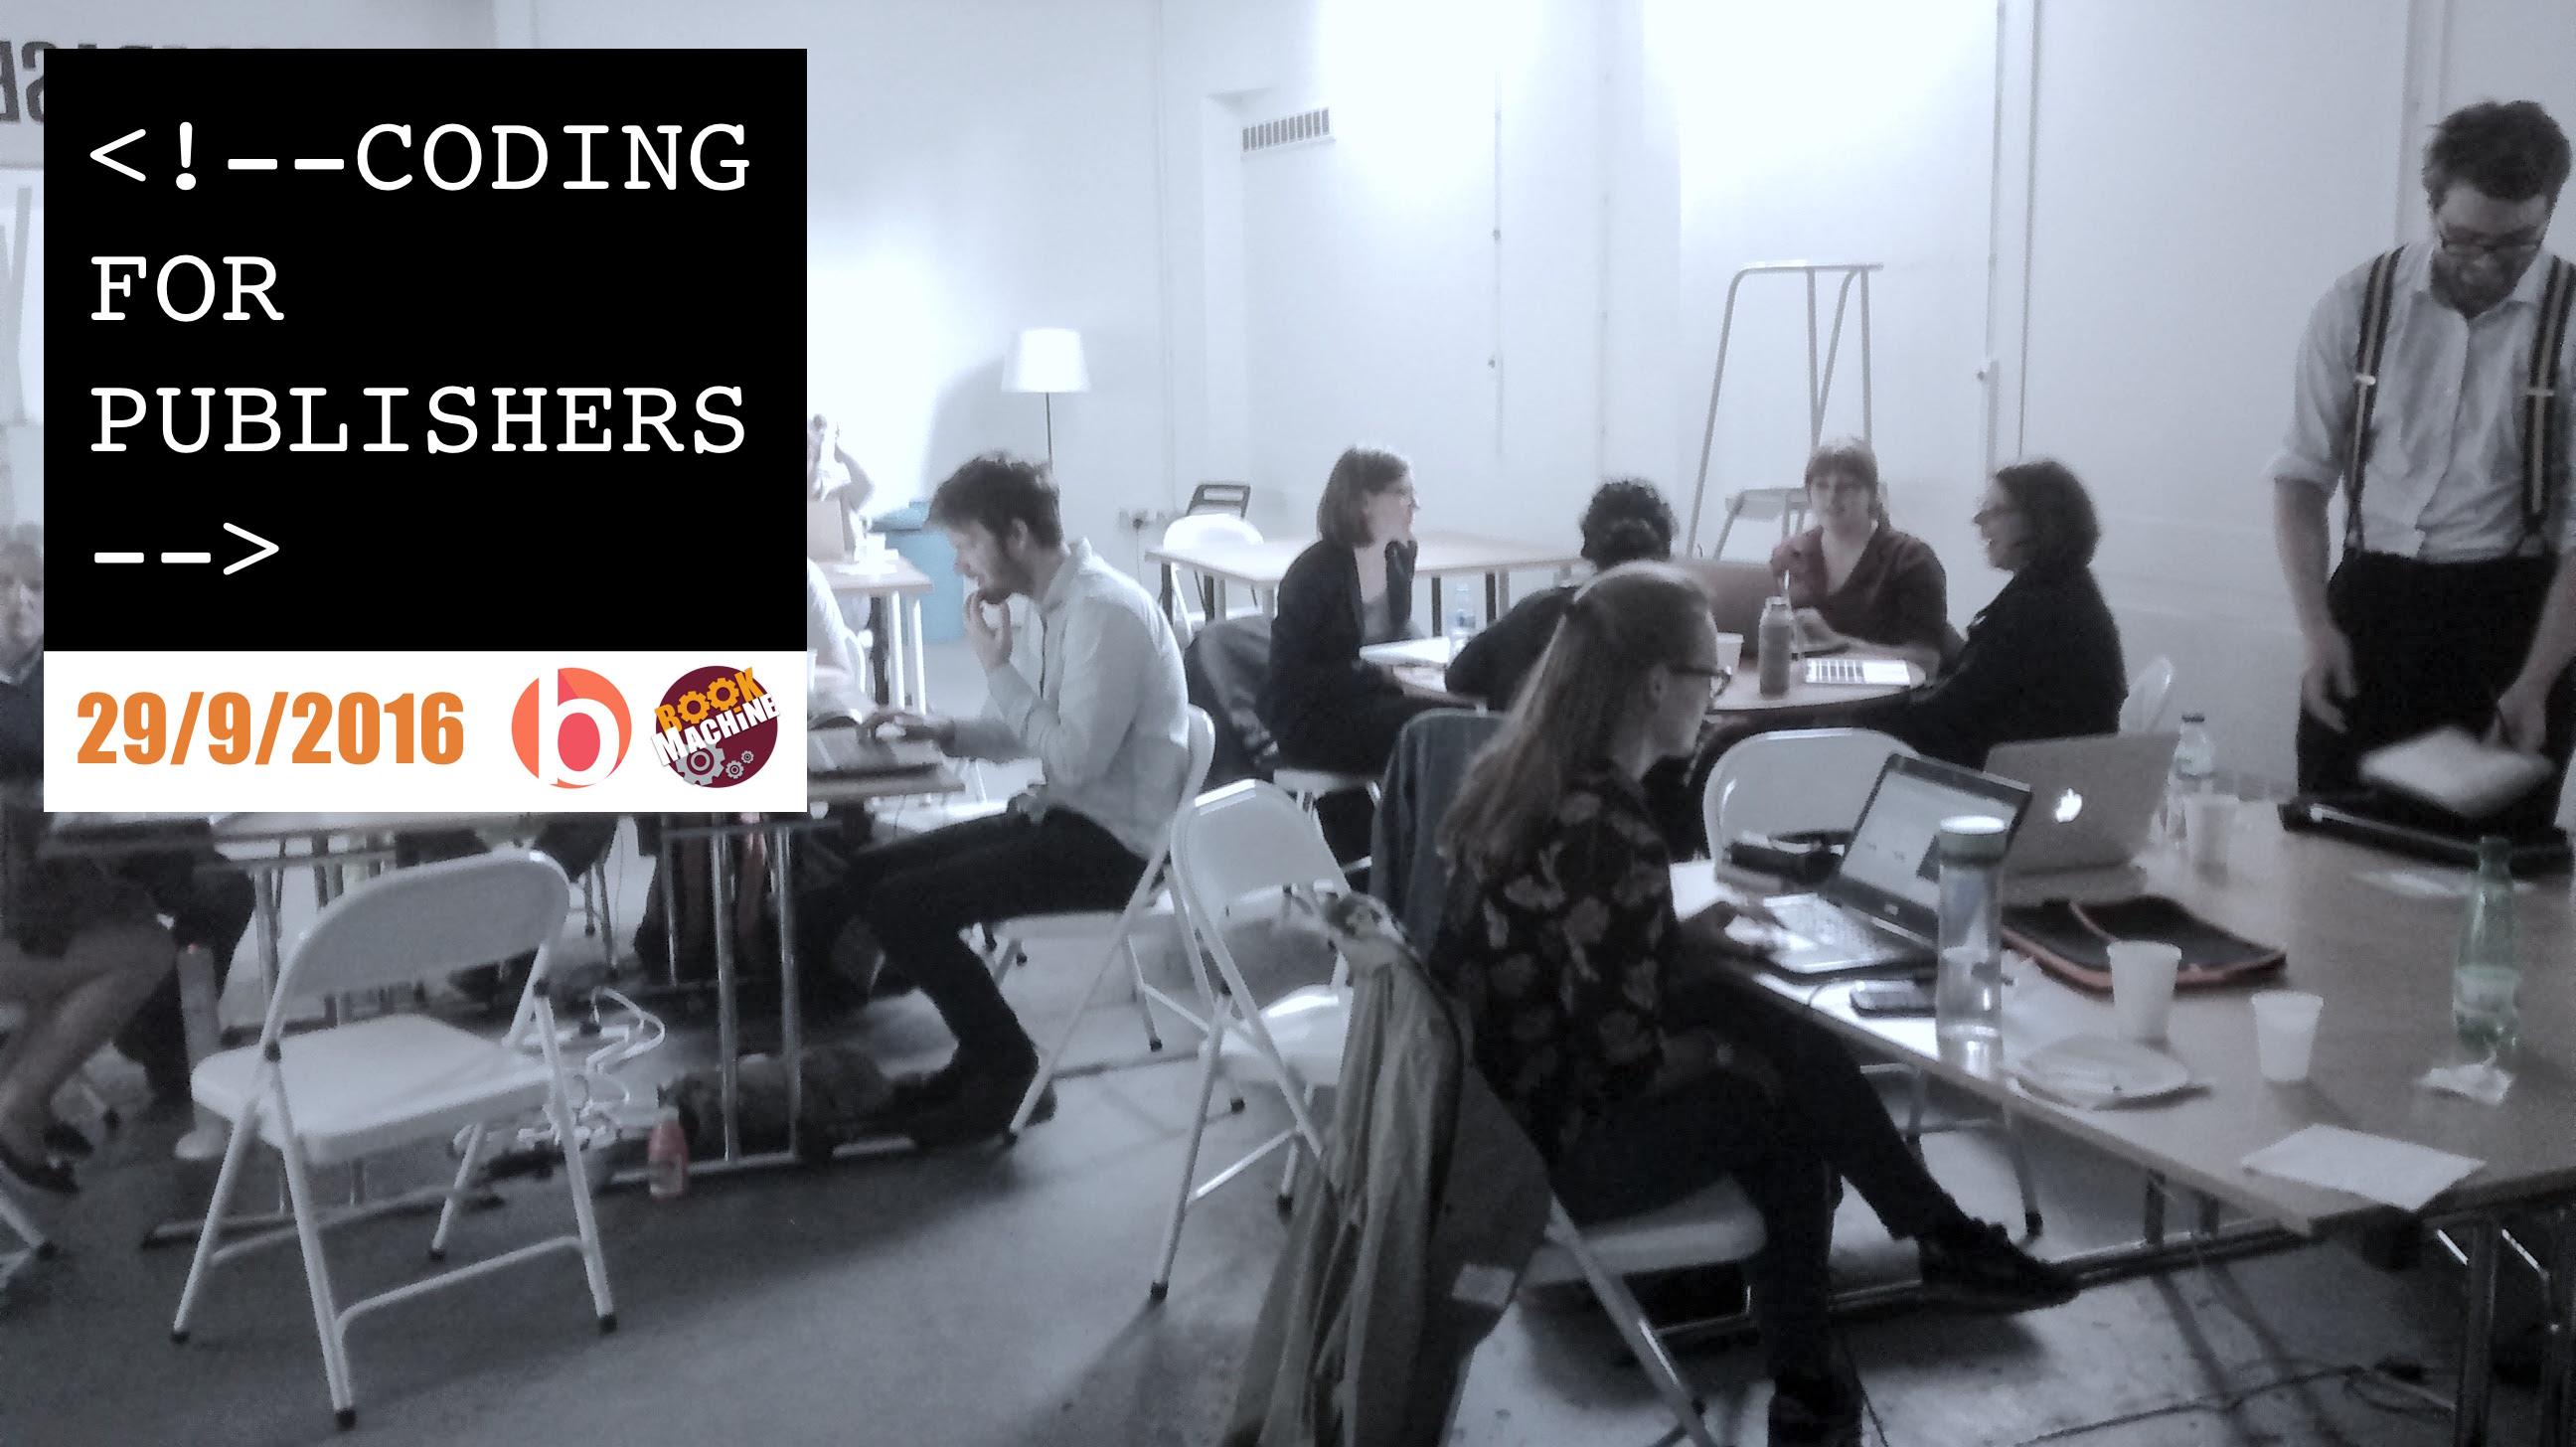 Codingforpublishersbanner